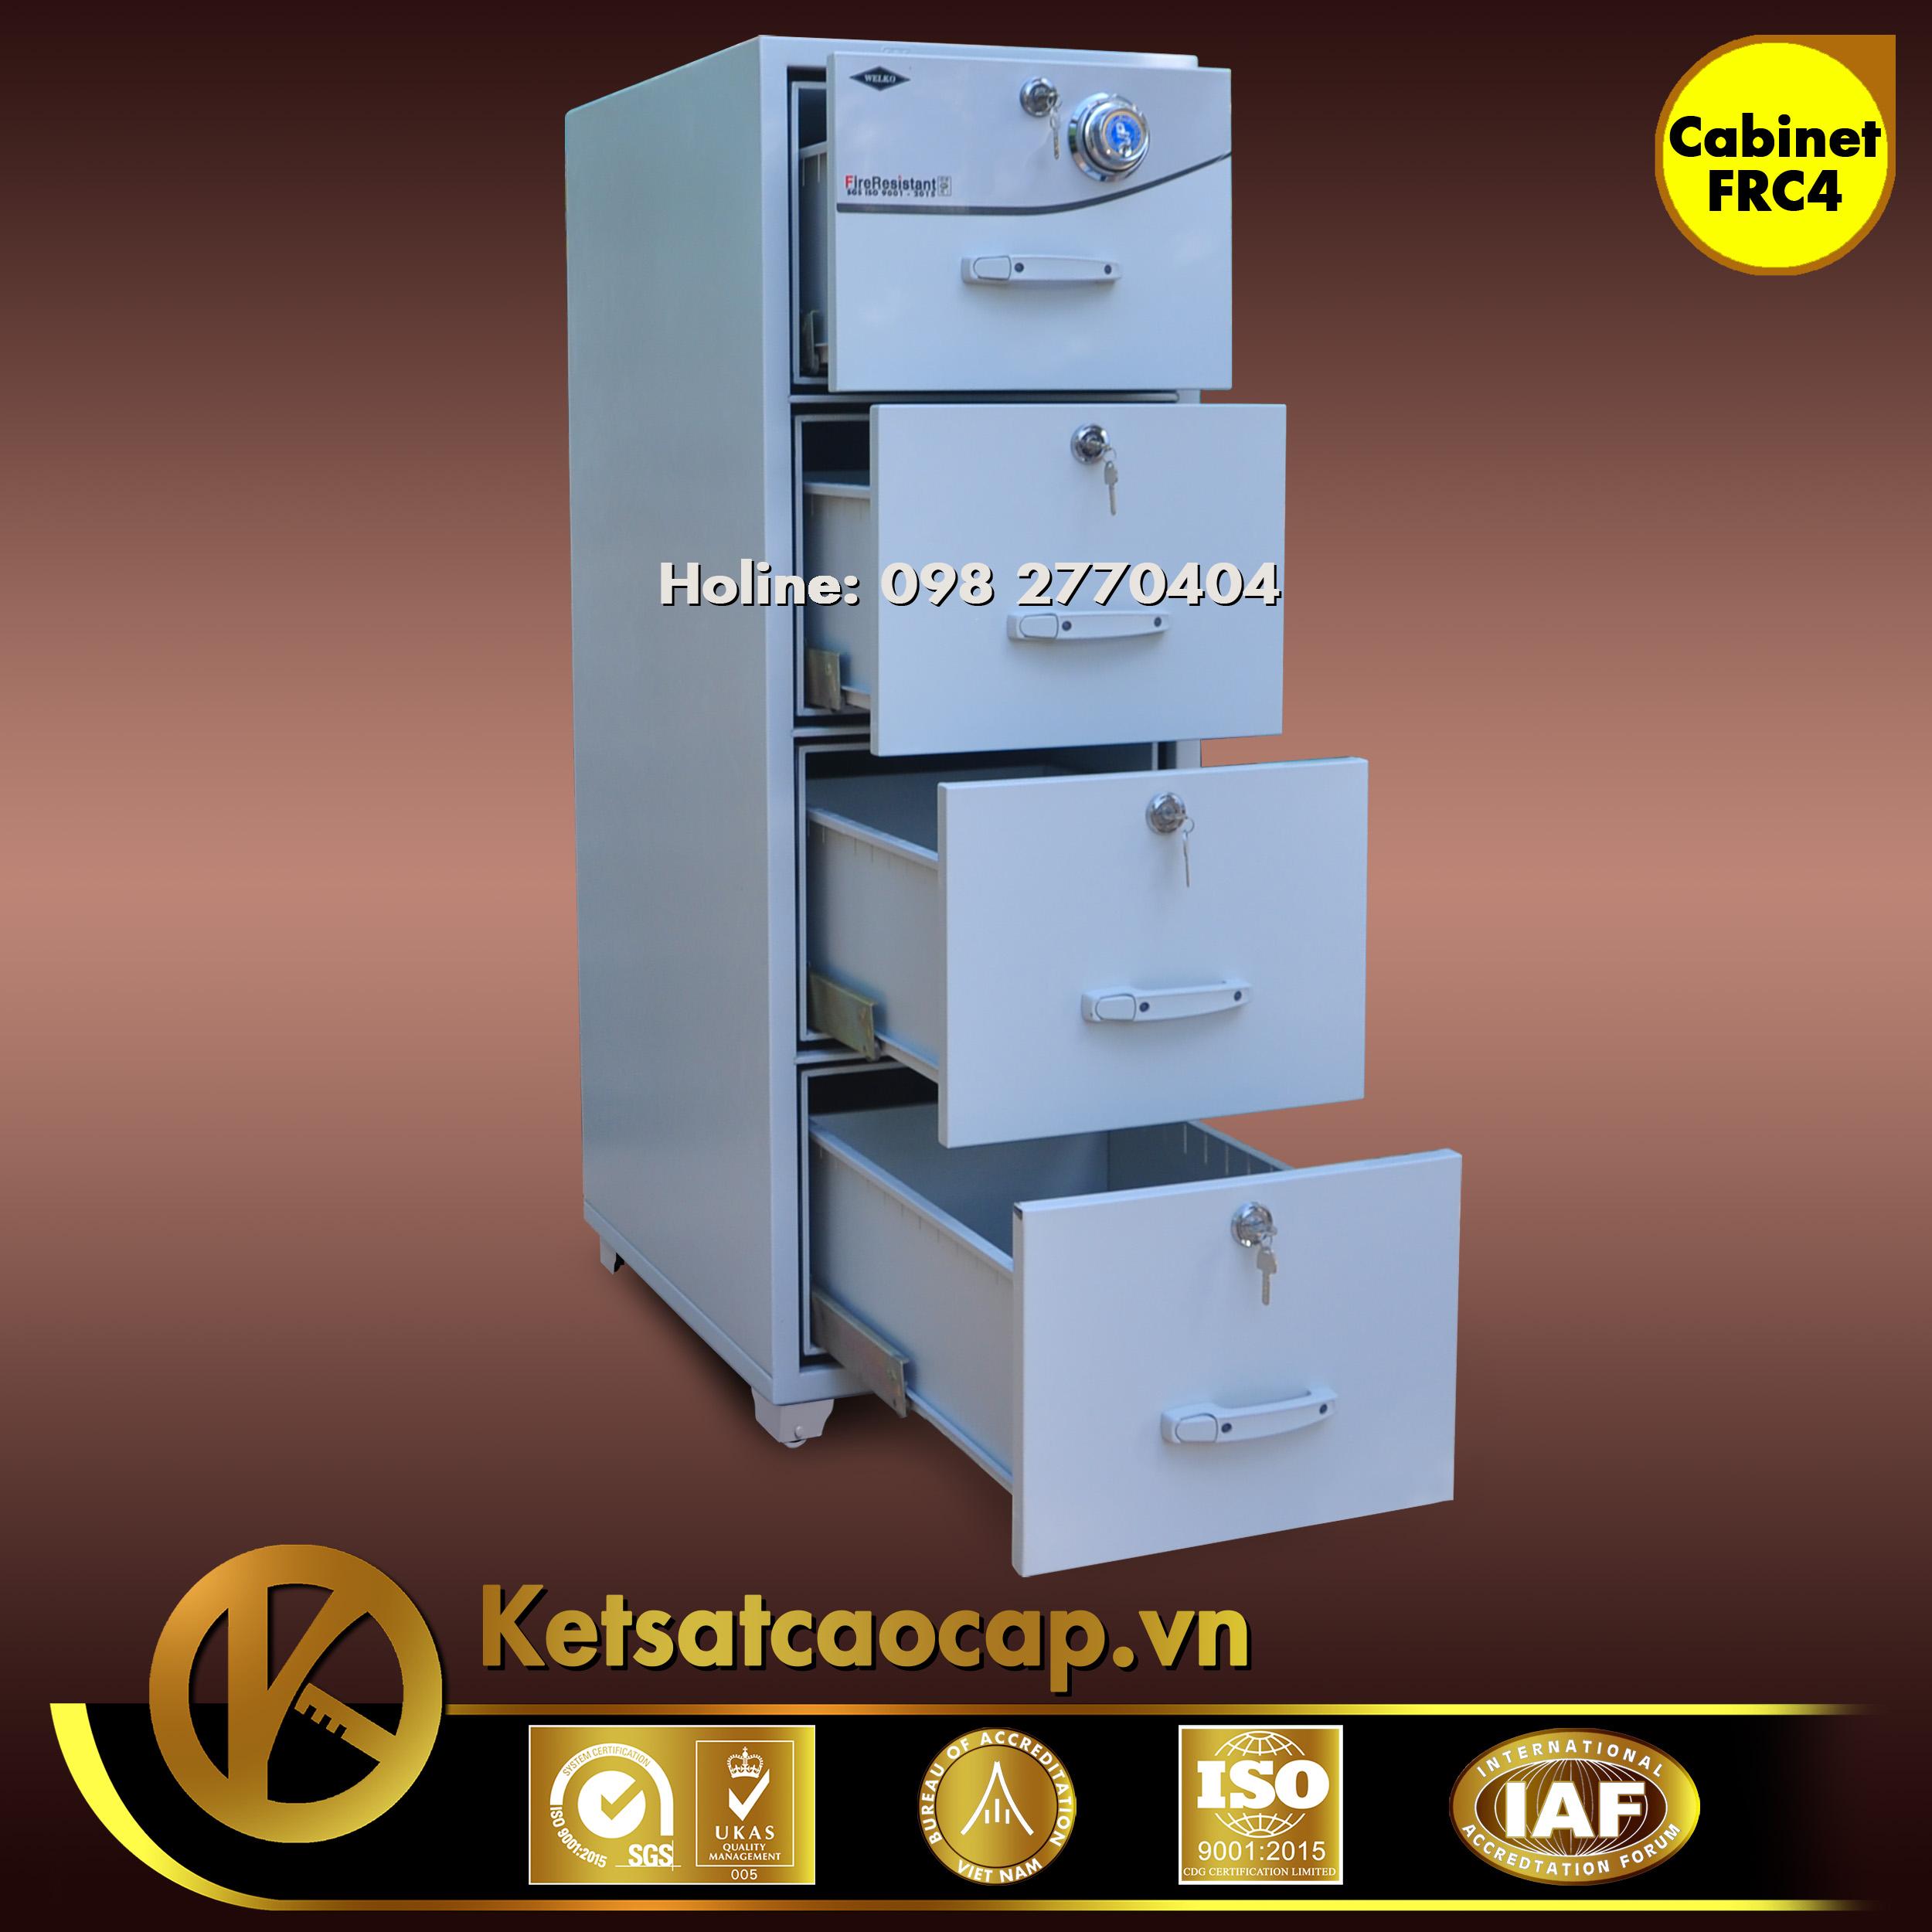 Tủ Hồ Sơ Chống Cháy FRC4 Cabinet